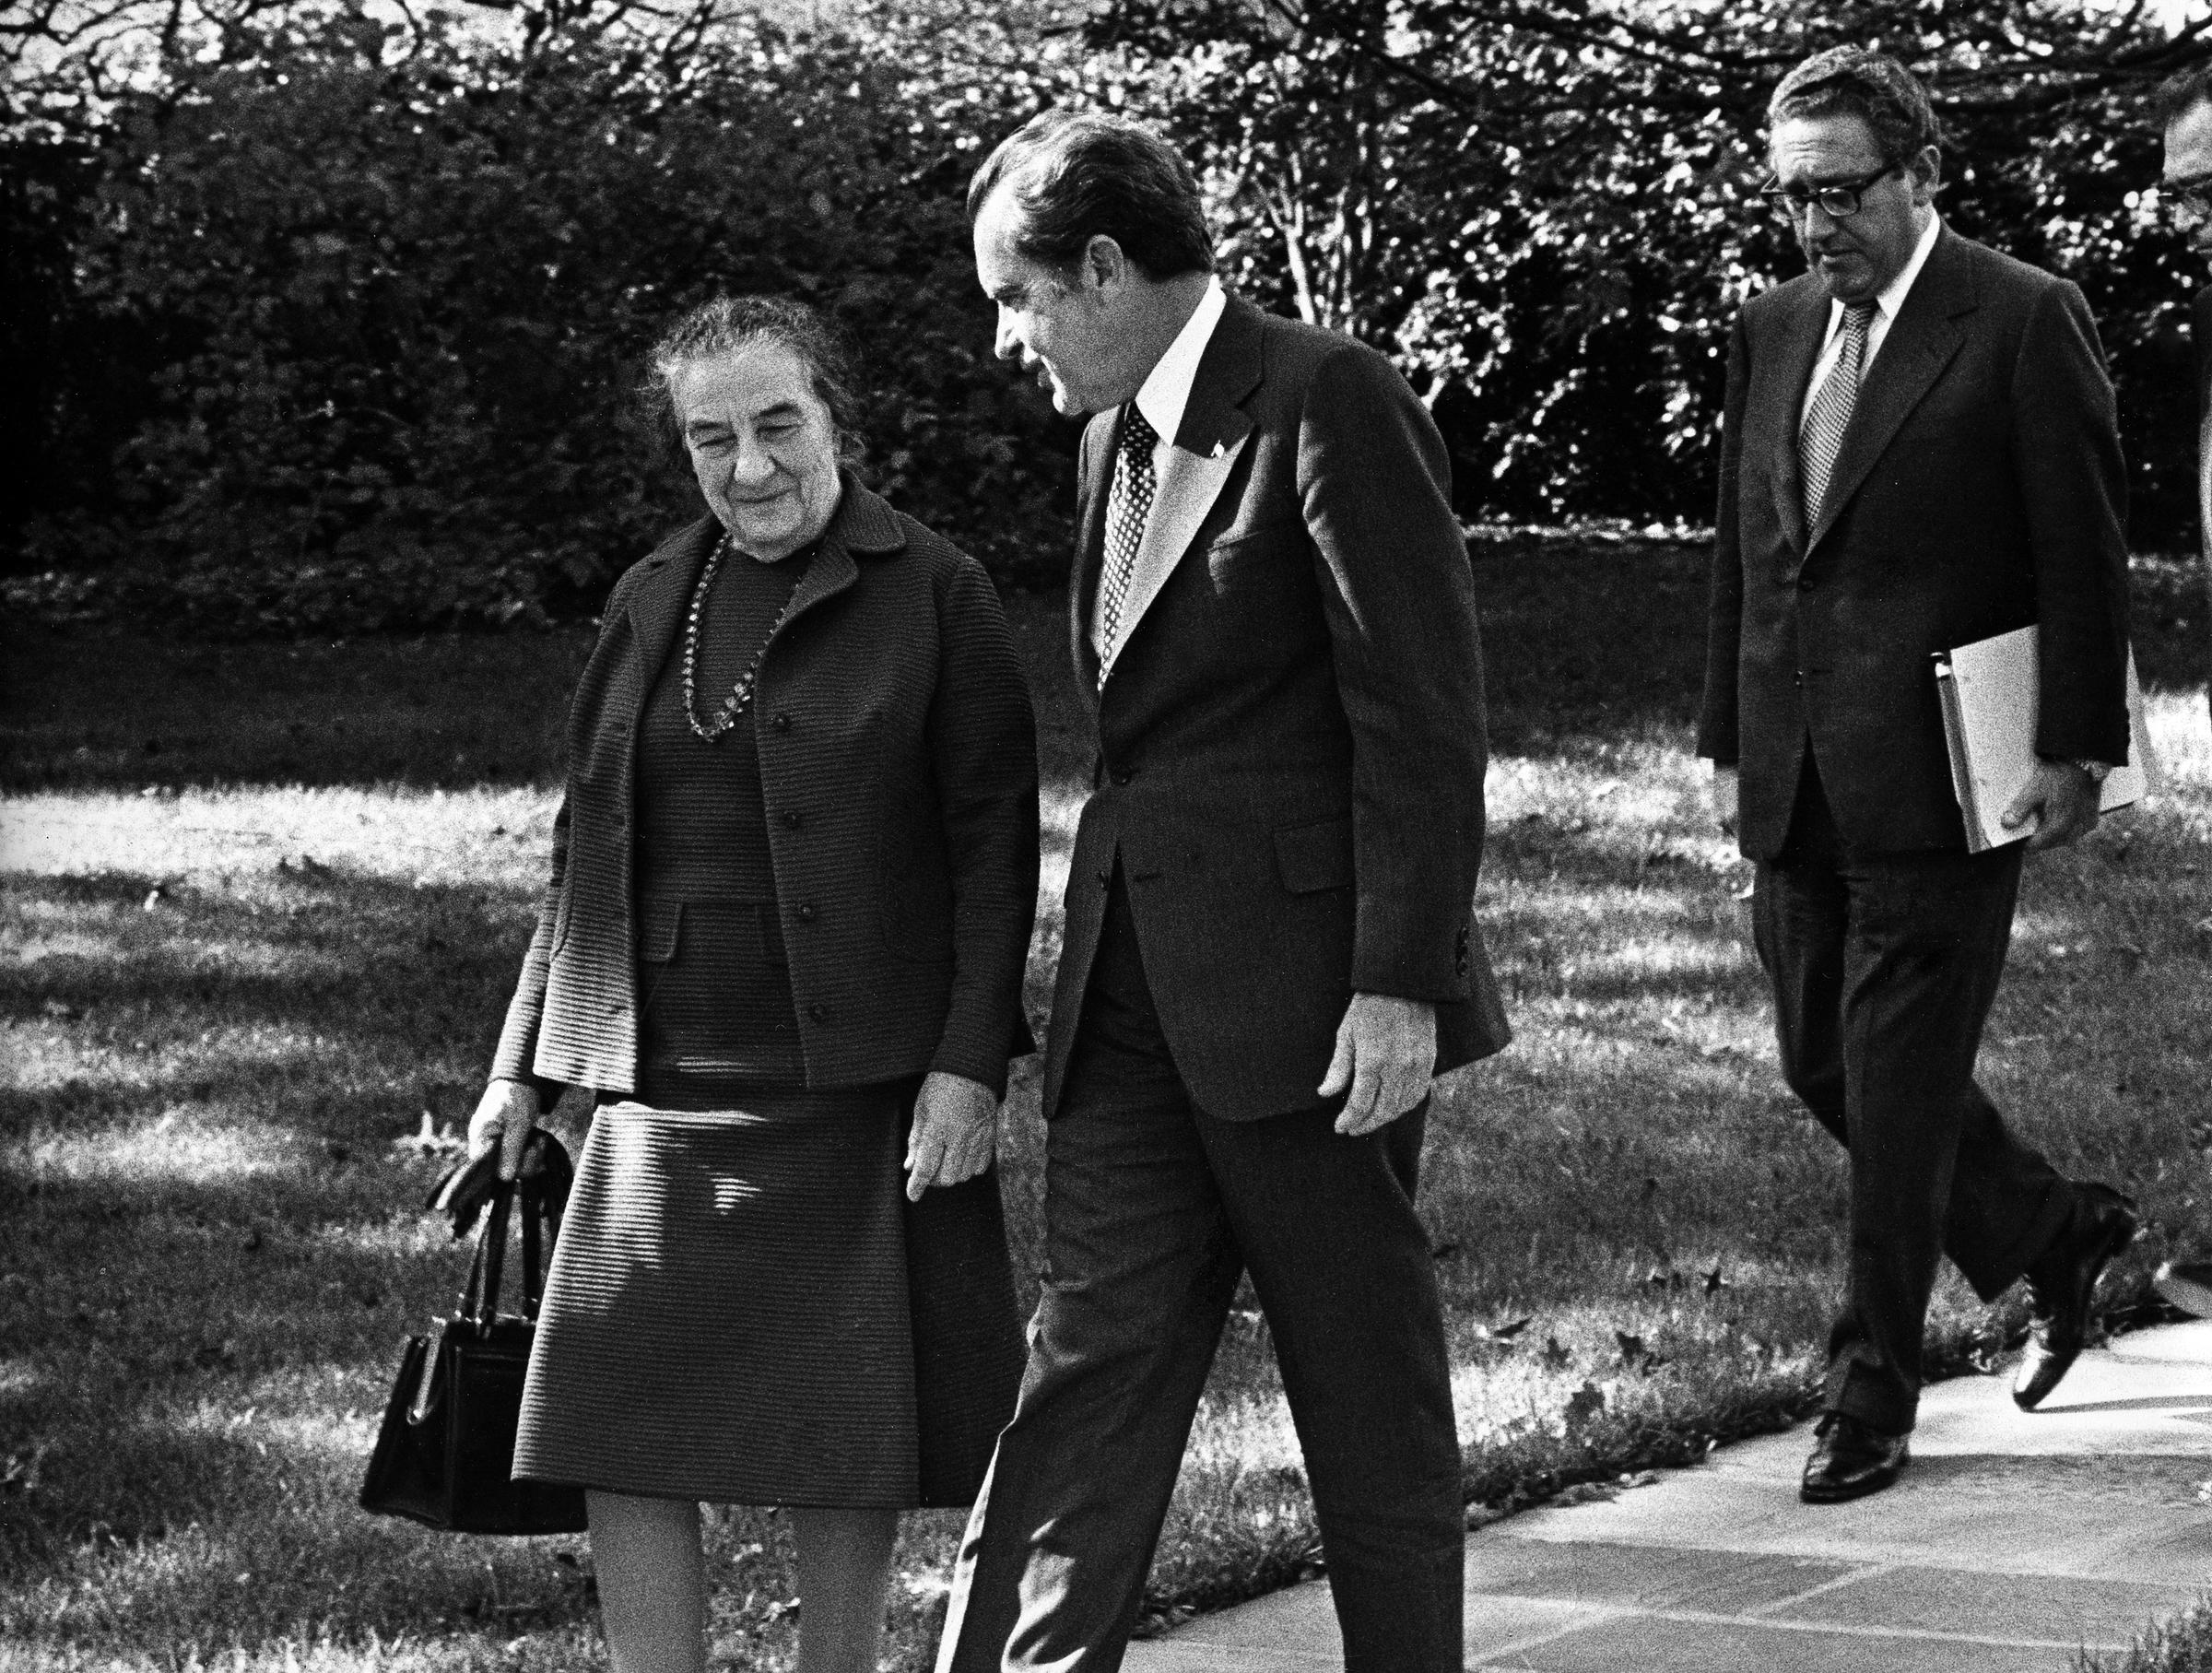 Chi era Golda Meir